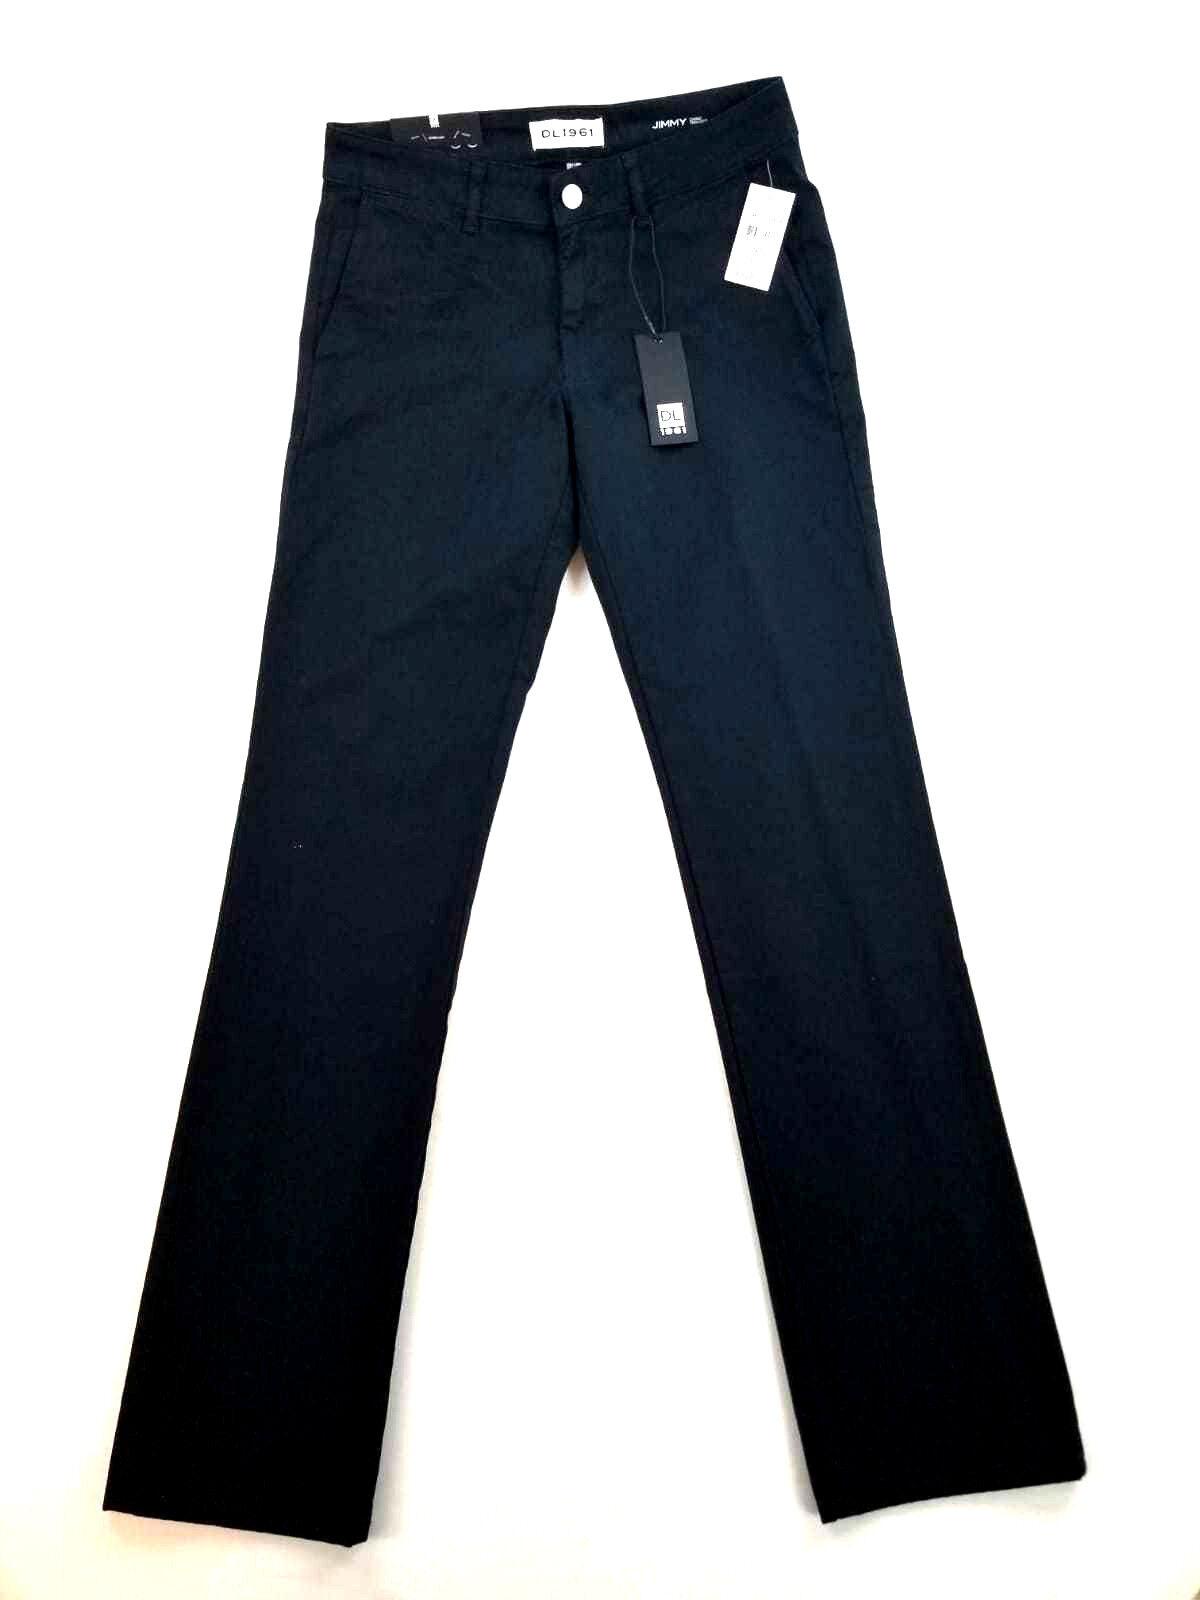 Blaue Herren Dl1961 Neu Jeans | Deutschland Sale Msrp USA 34